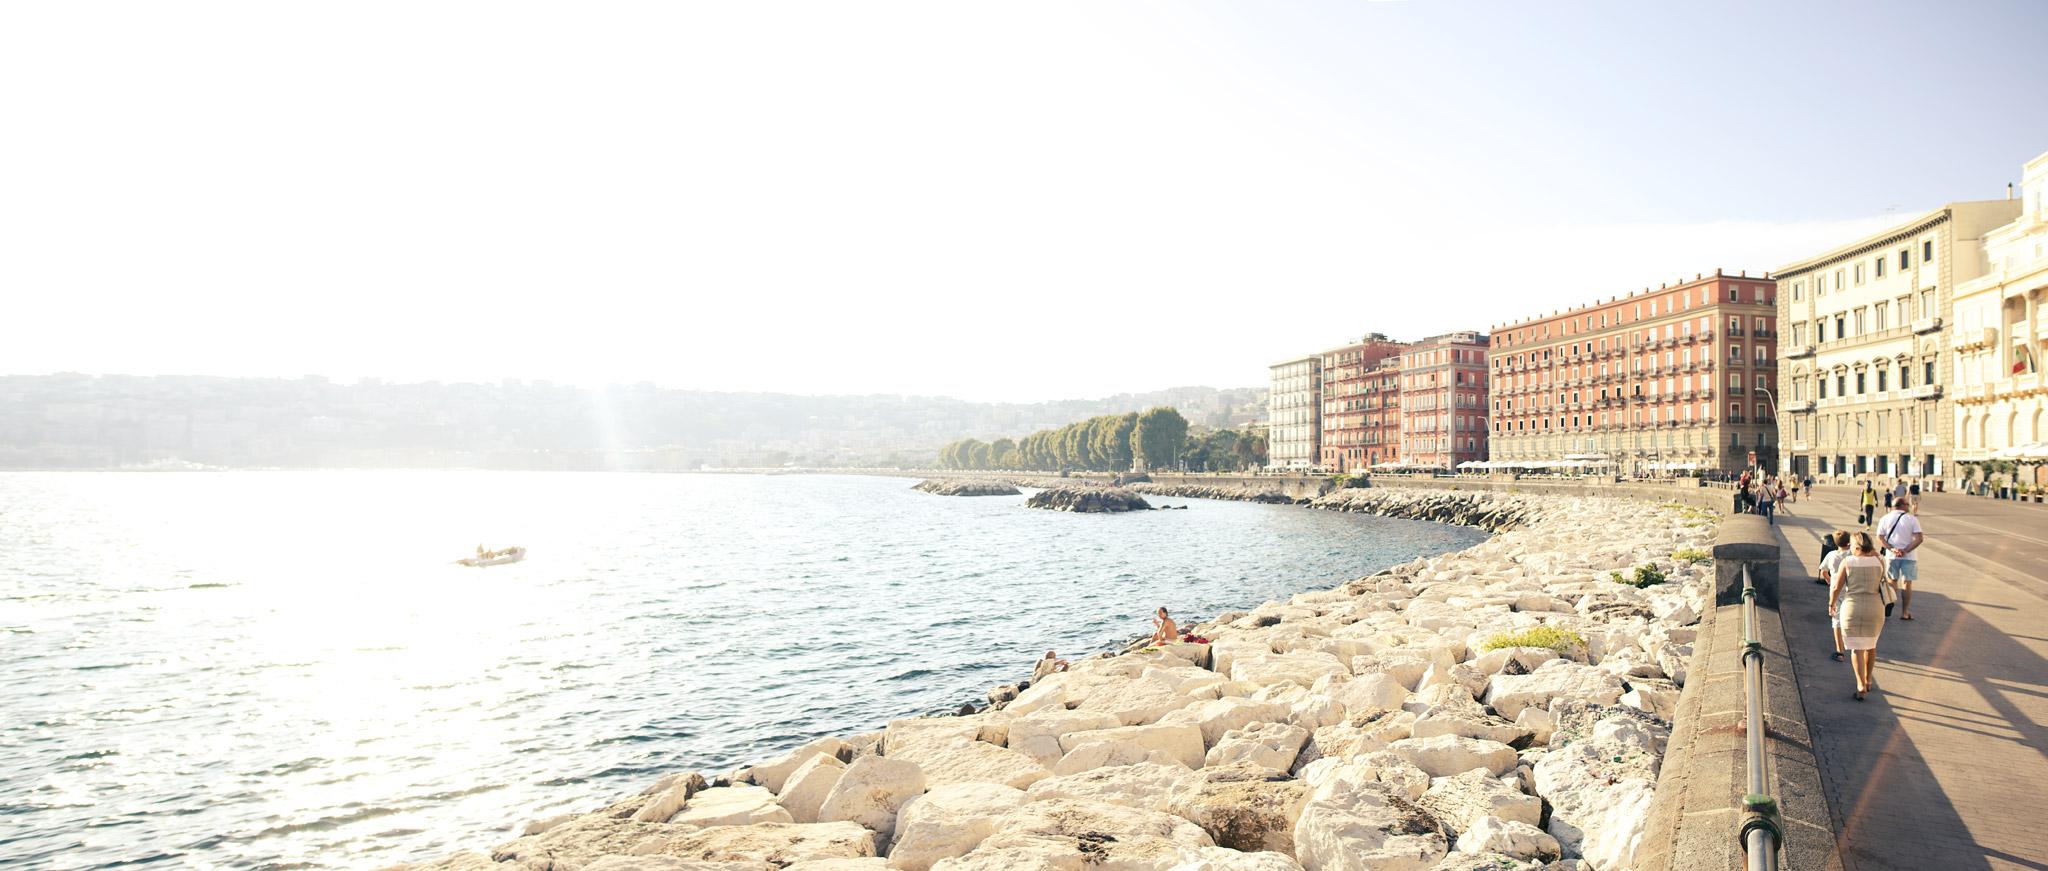 A view towards the Via Francesco Caracciolo and Bay of Naples